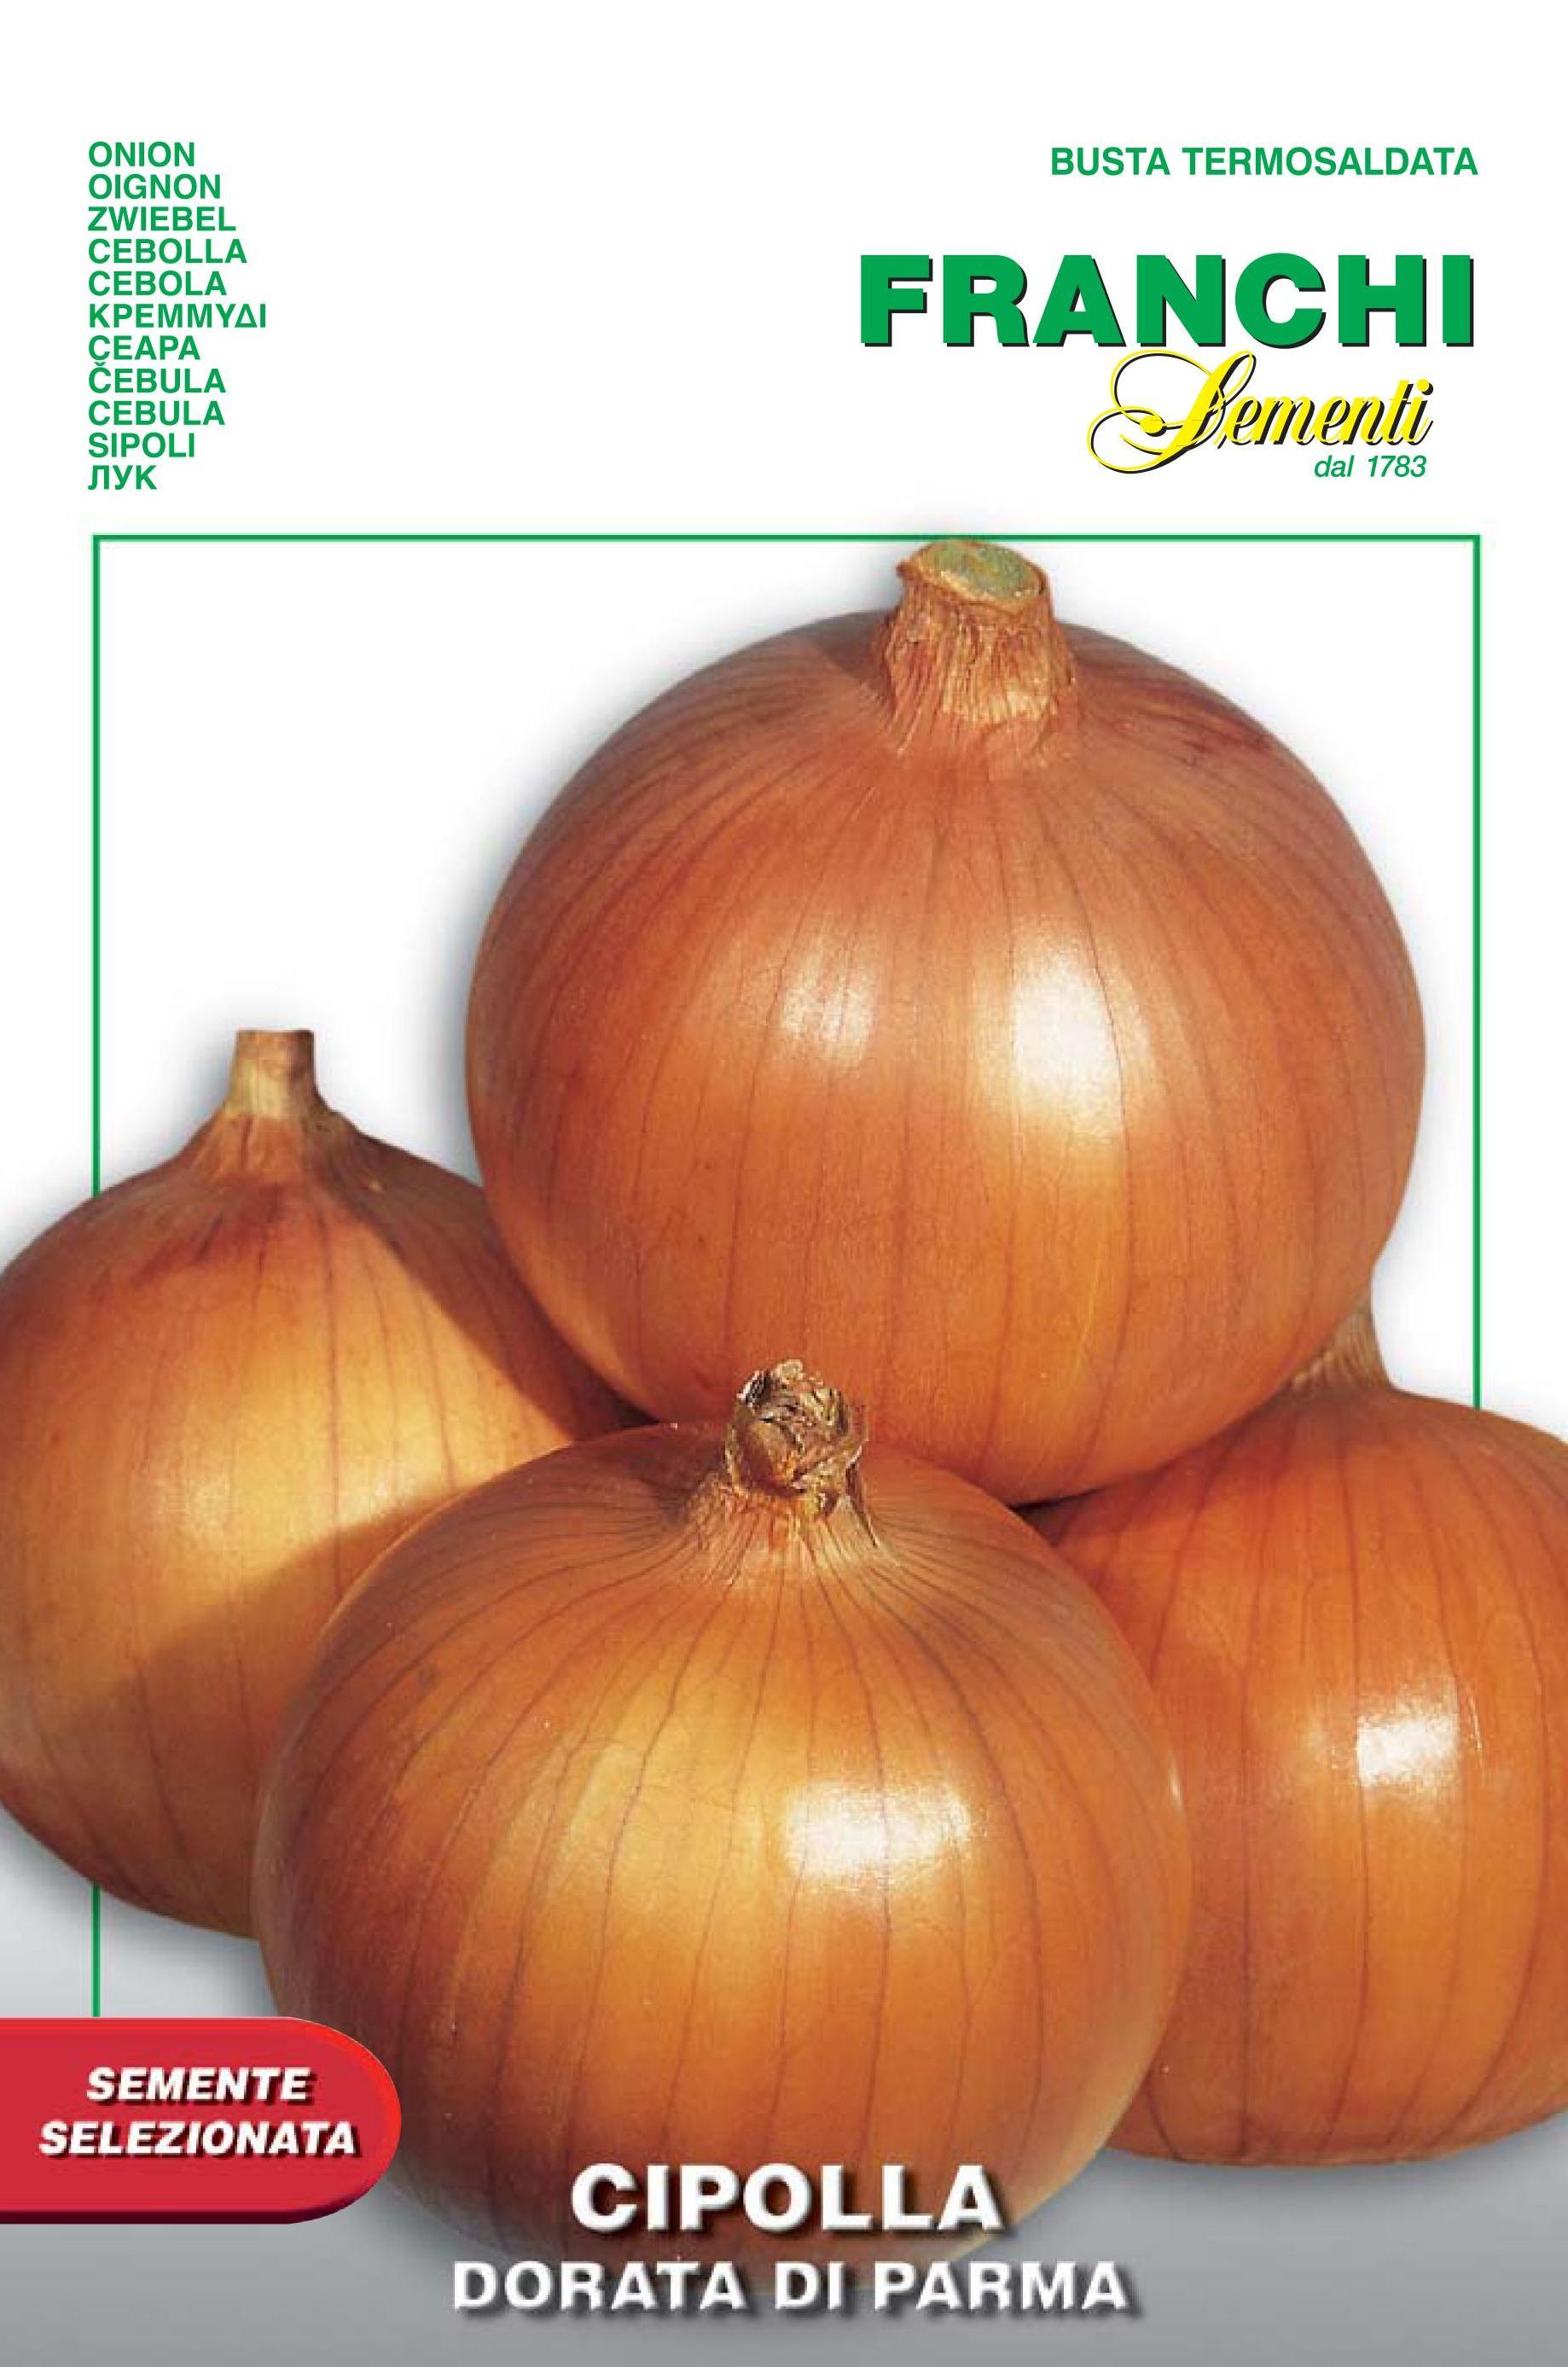 Onion Dorata Di Parma (A) Allium cepa L.